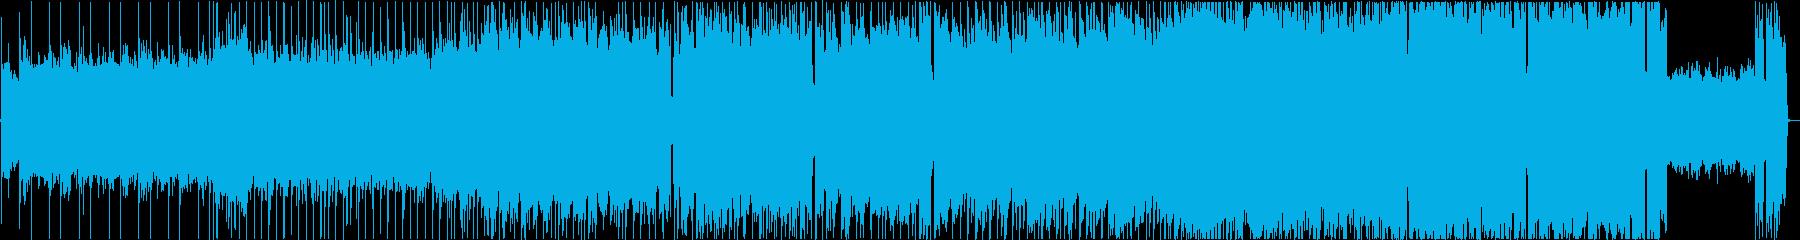 ヘヴィでありつつも光差すハードロックの再生済みの波形